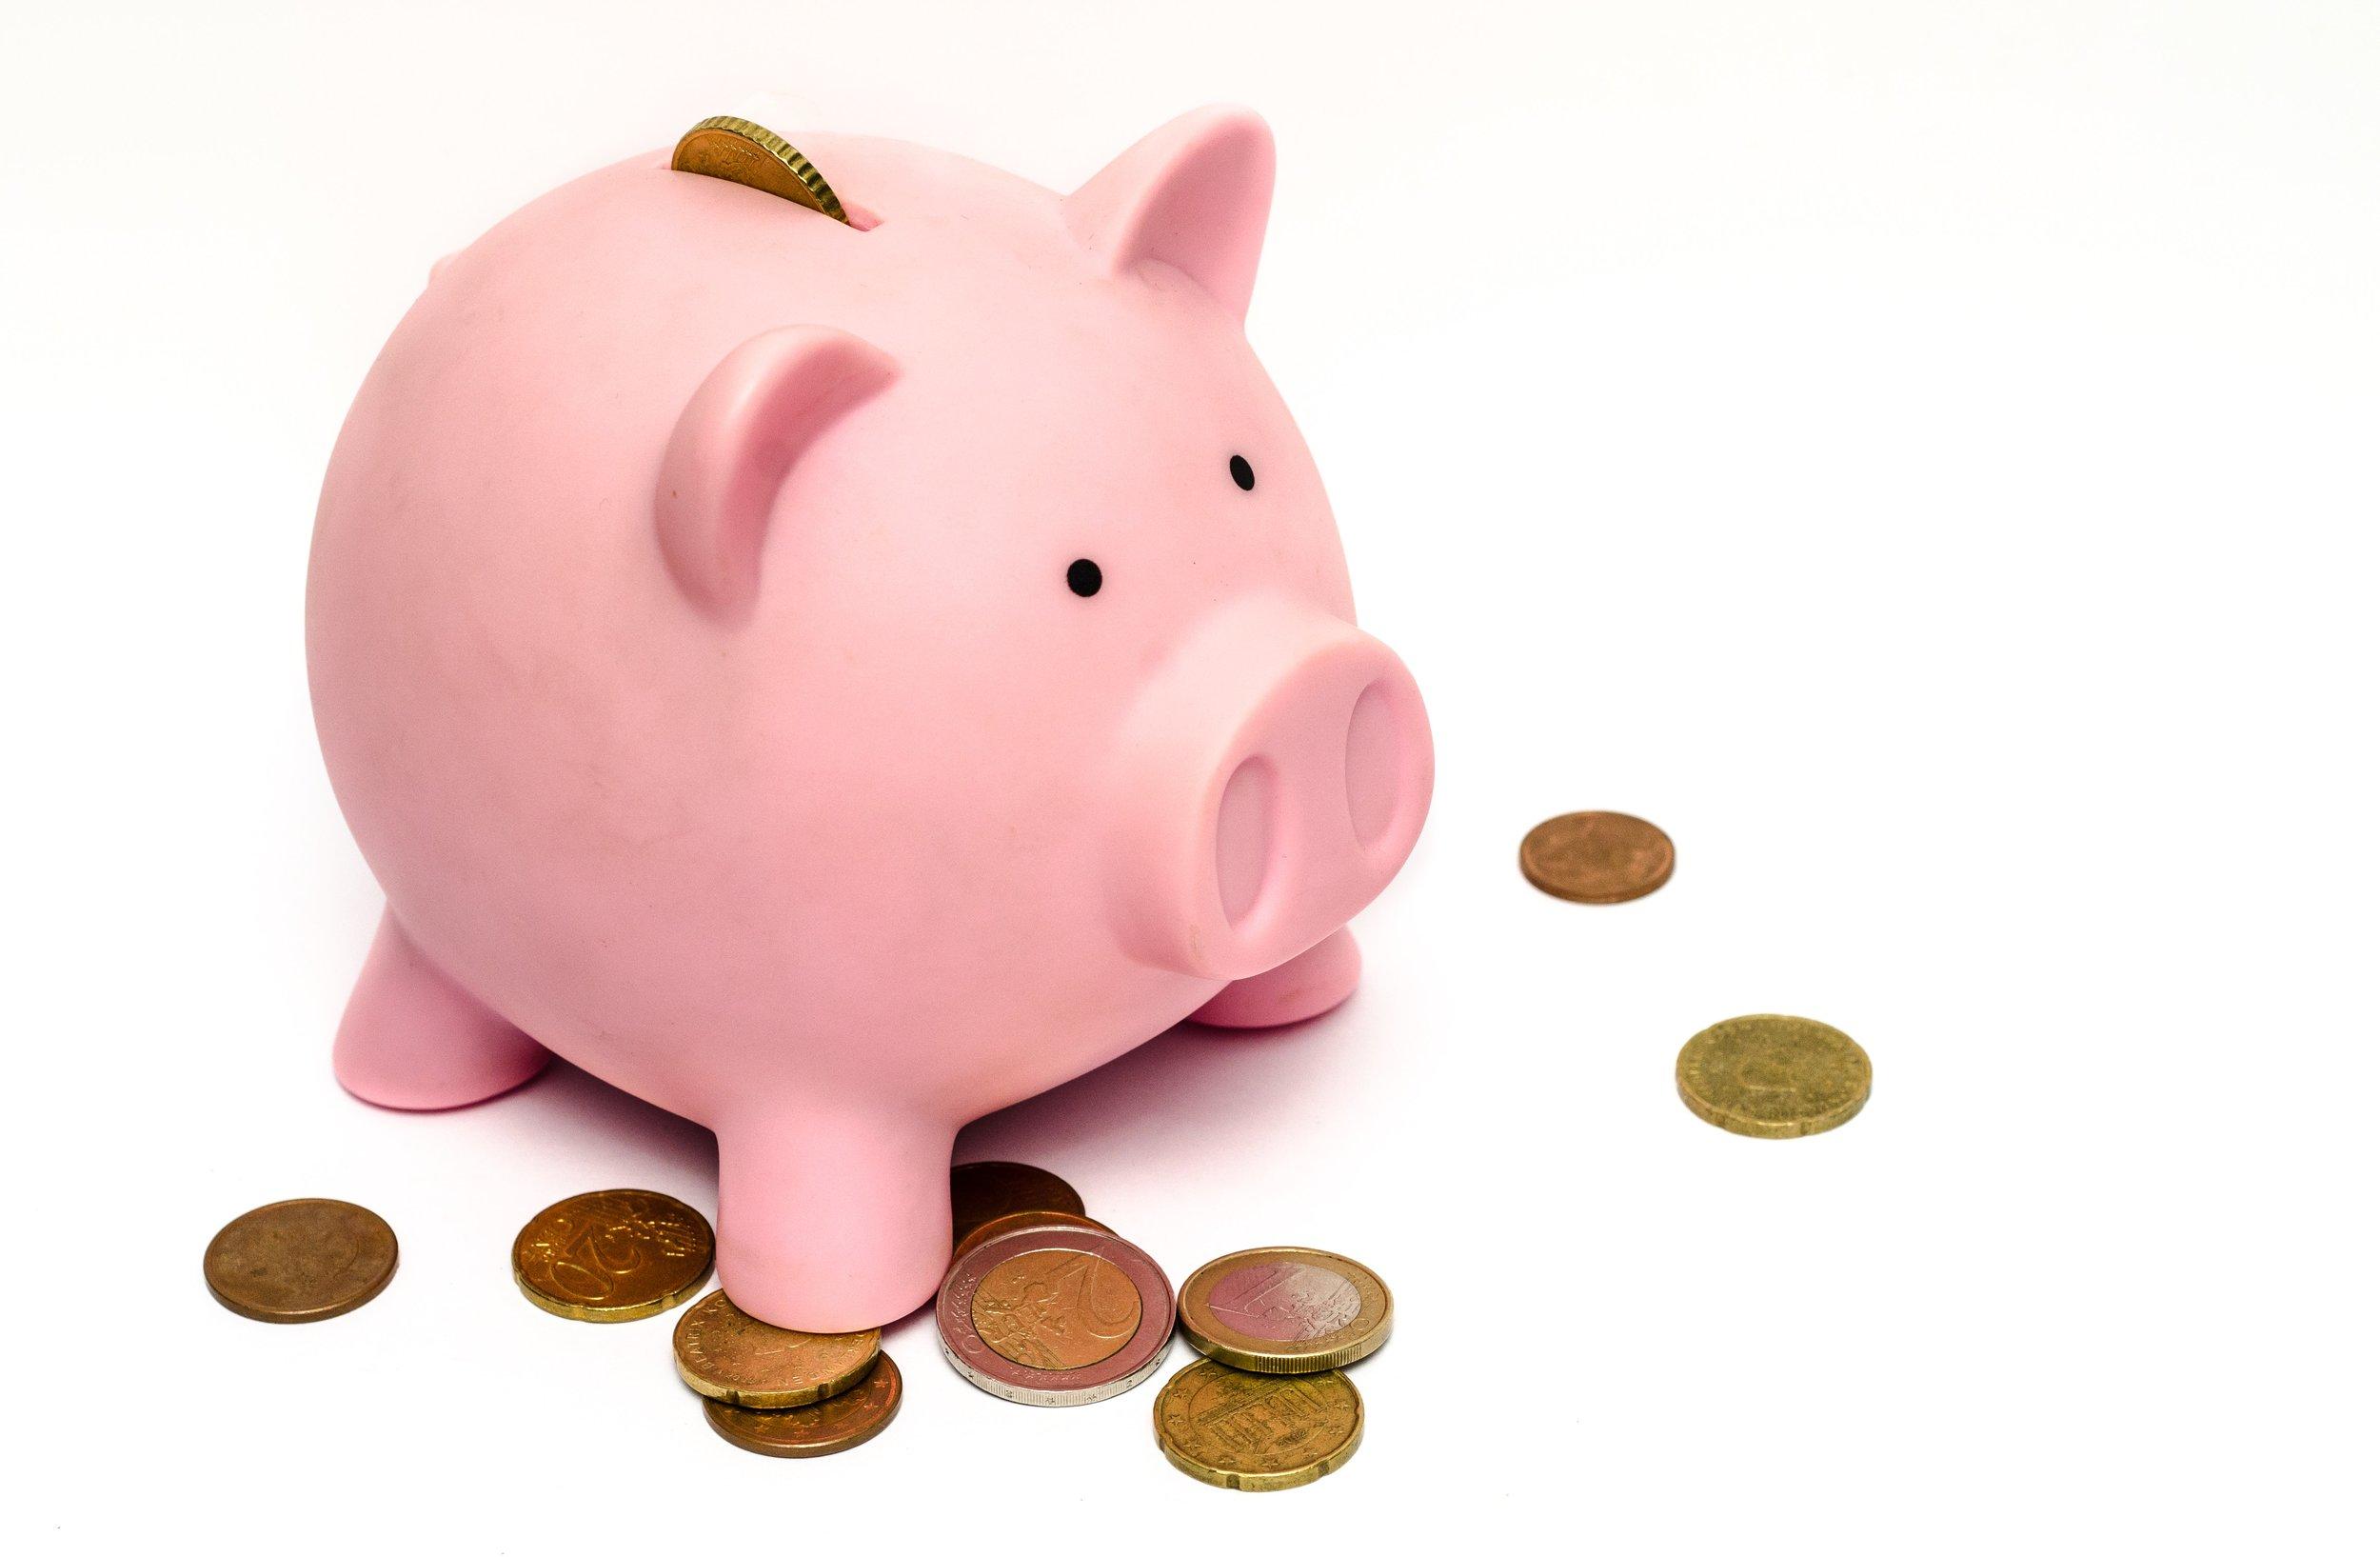 buy-cash-coins-9660 (1).jpg